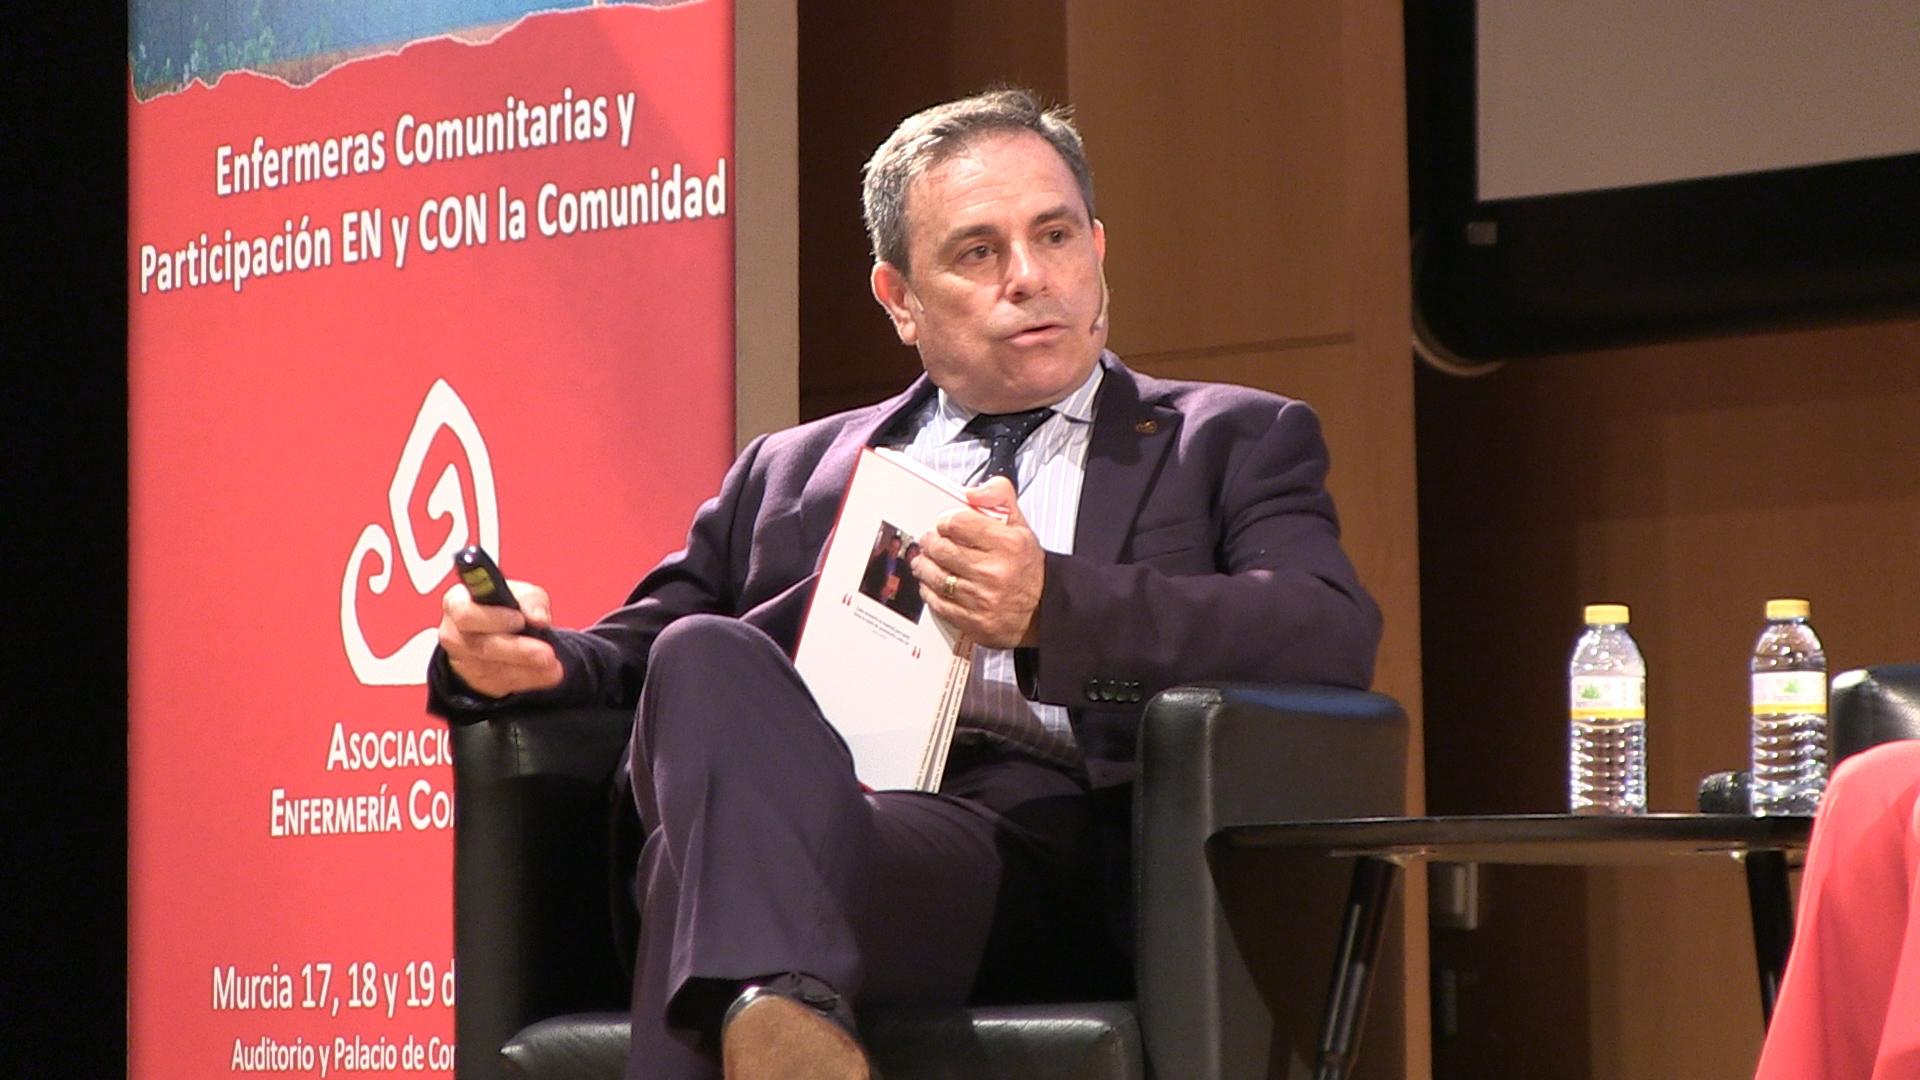 La Enfermería Comunitaria critica el nombramiento de un periodista como subdirector general de Cuidados de la Rioja